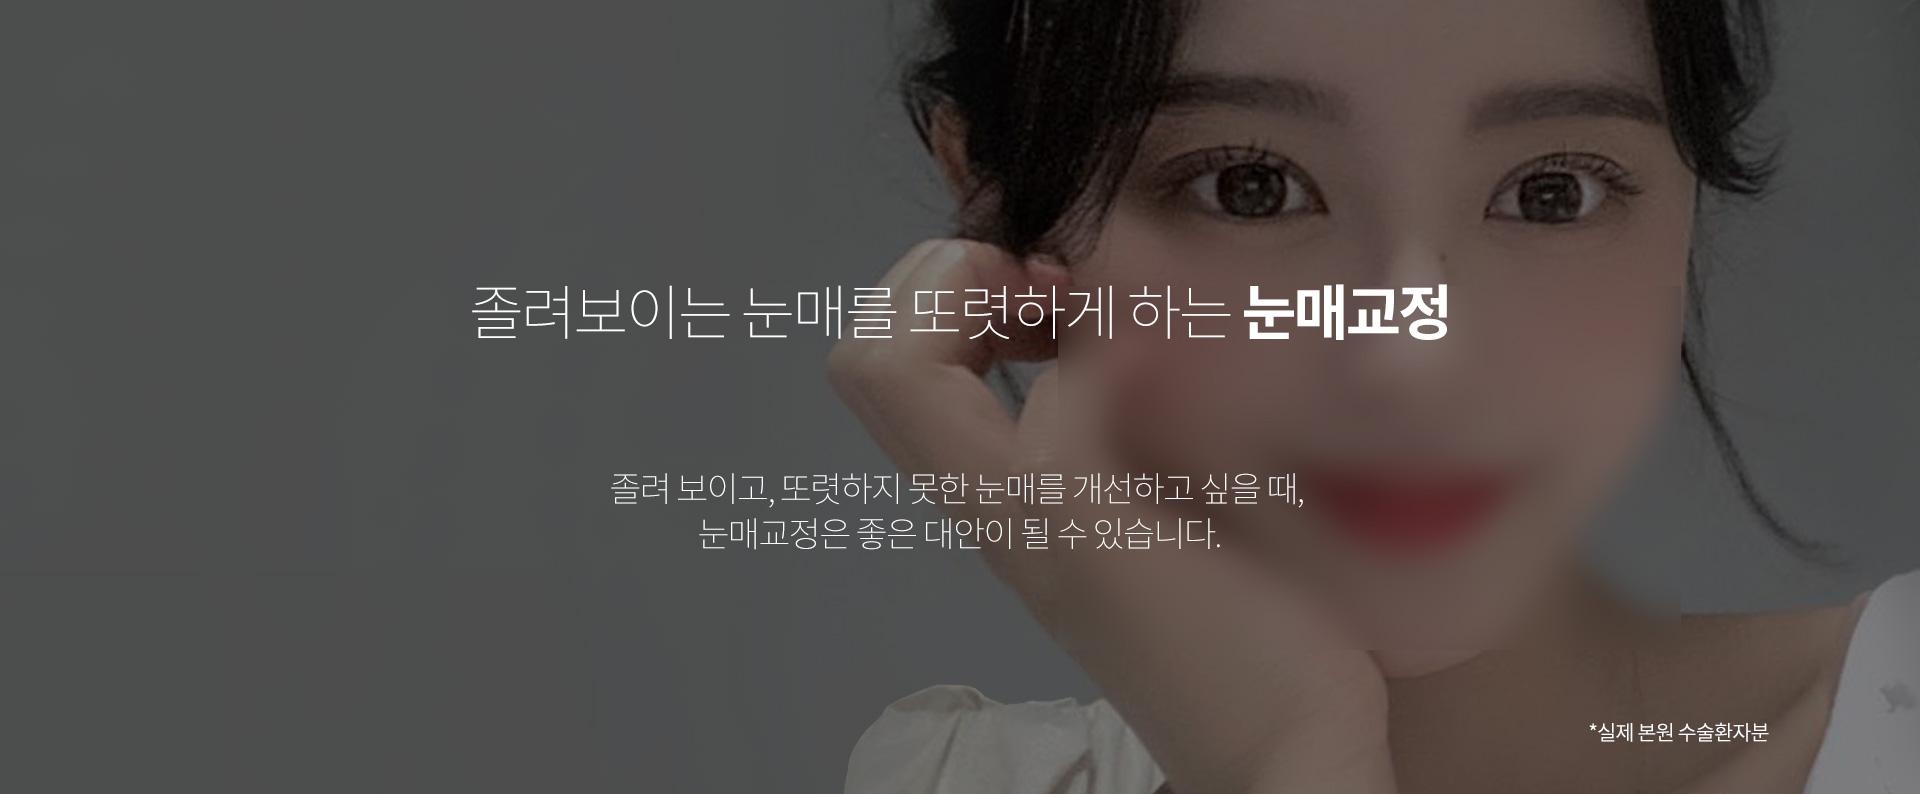 눈매교정 01